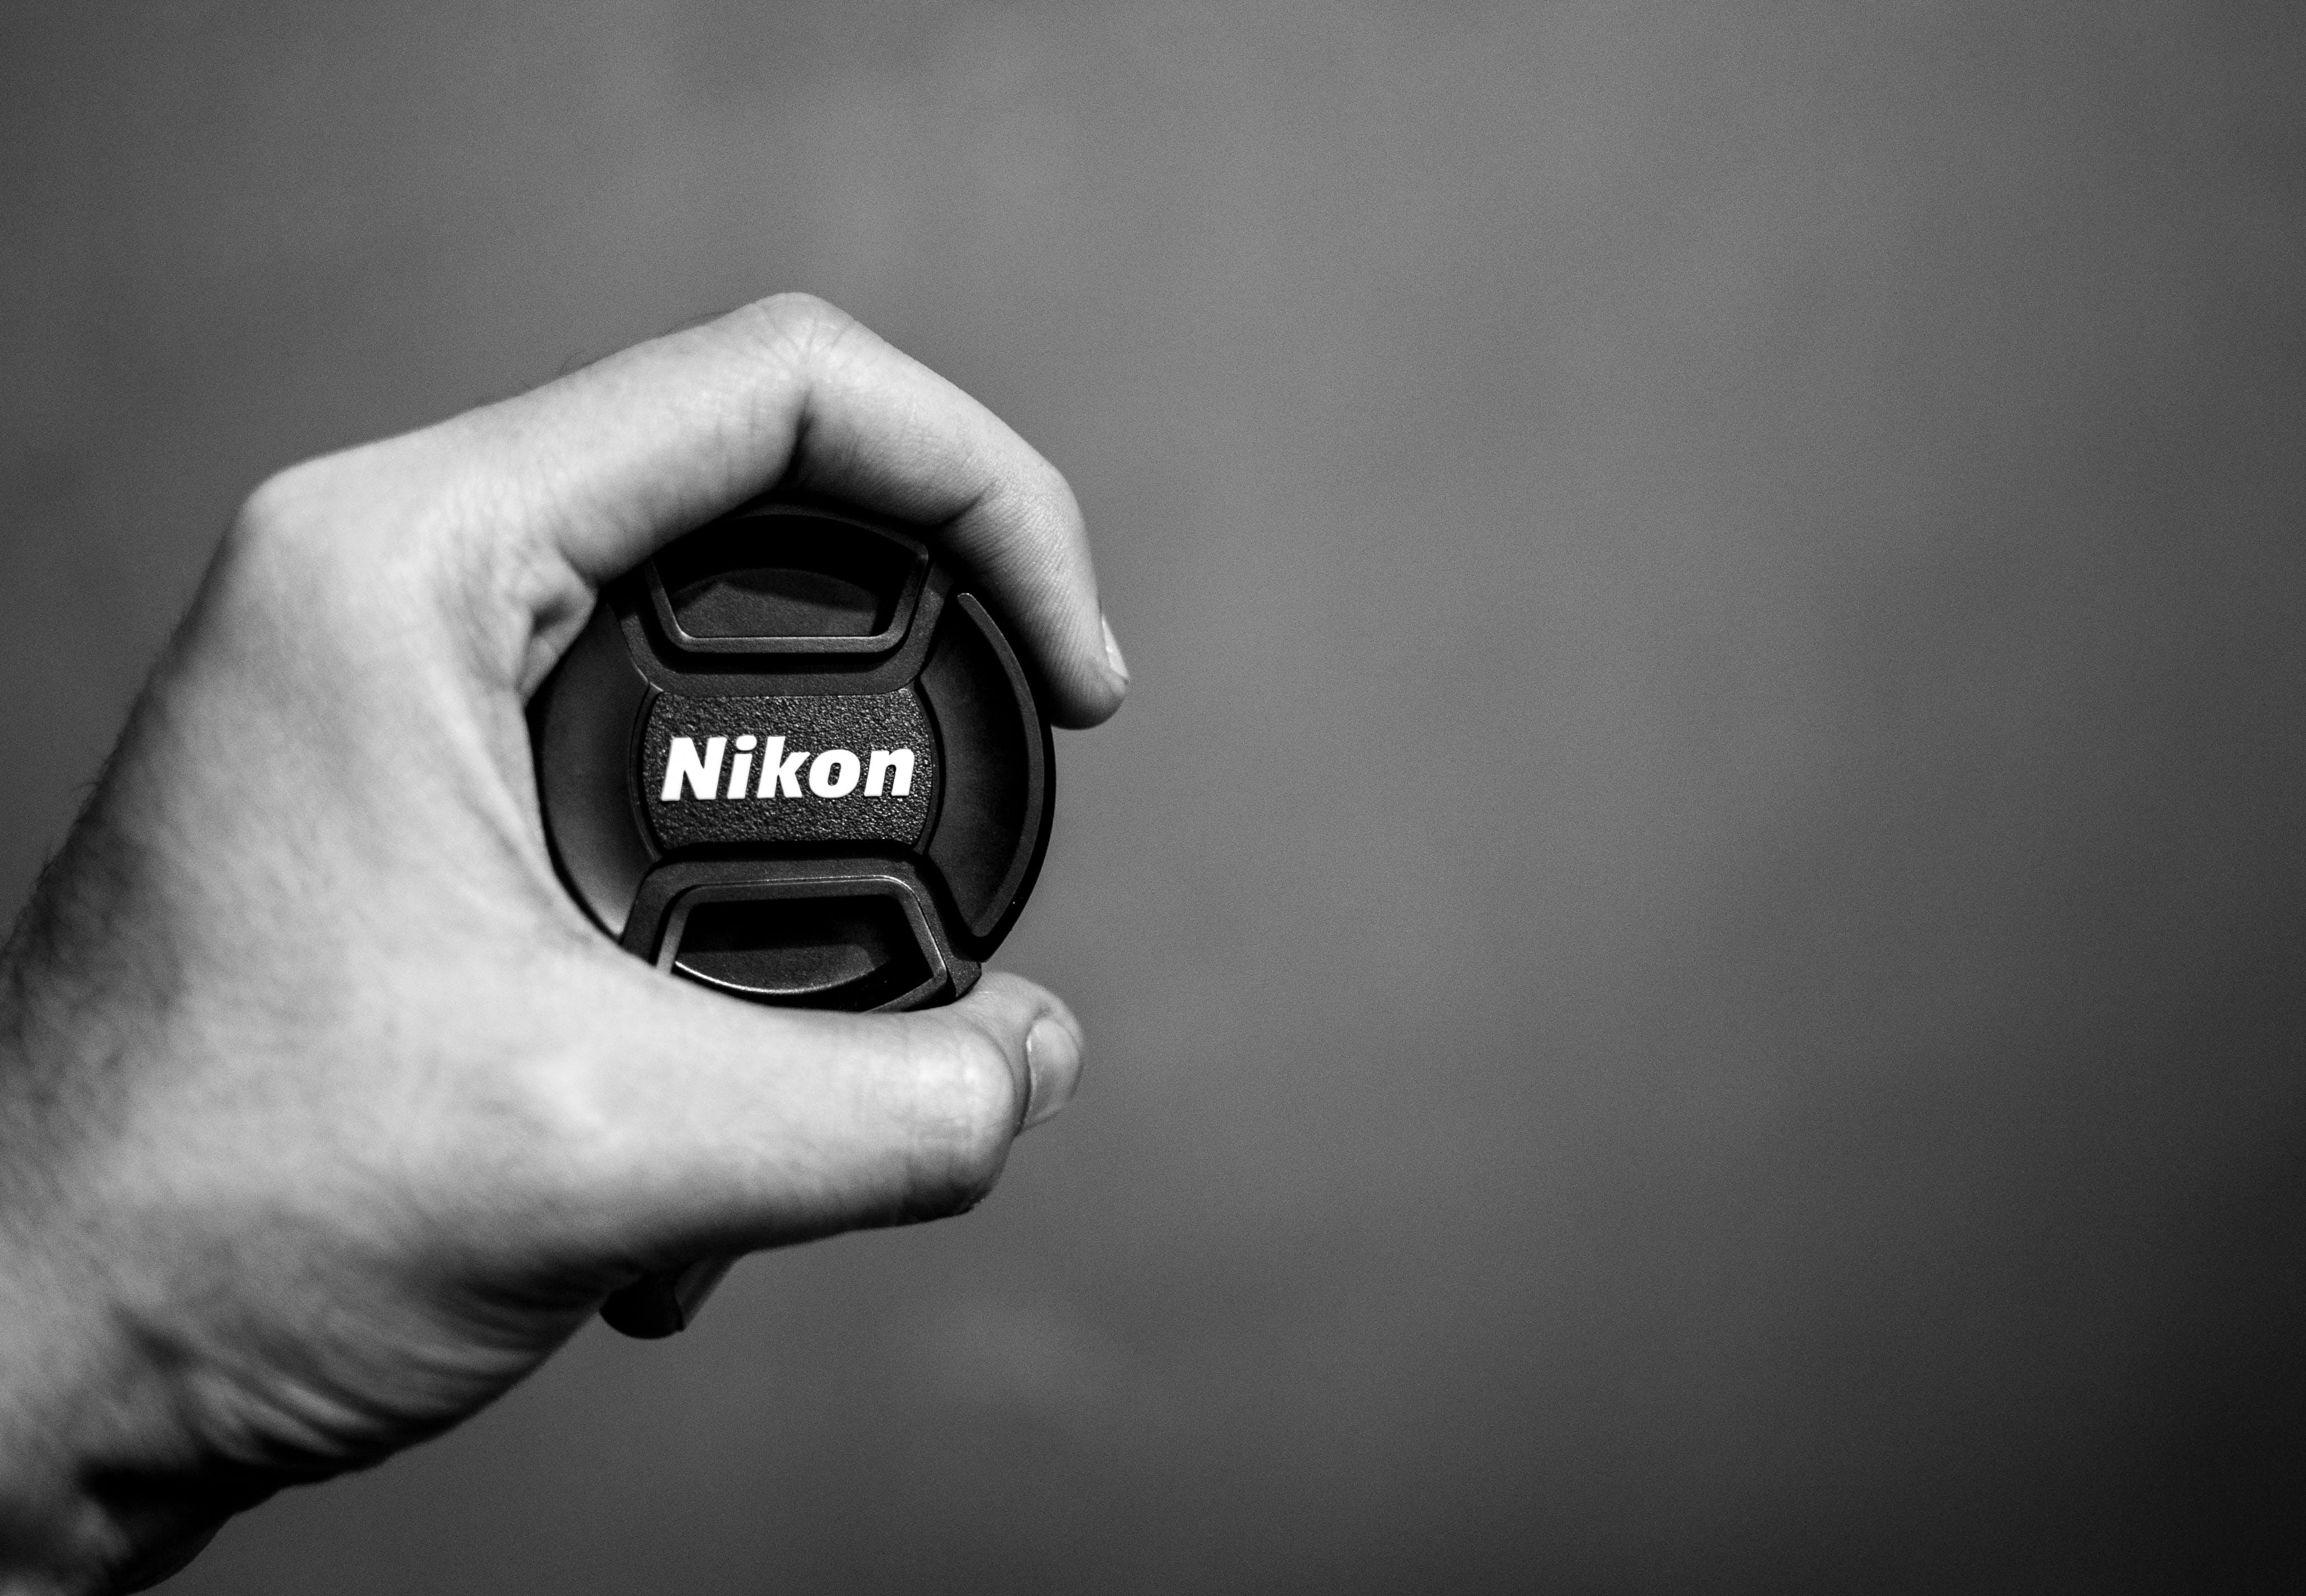 Free stock photo of black and white, bnw, hand, IAMNikon